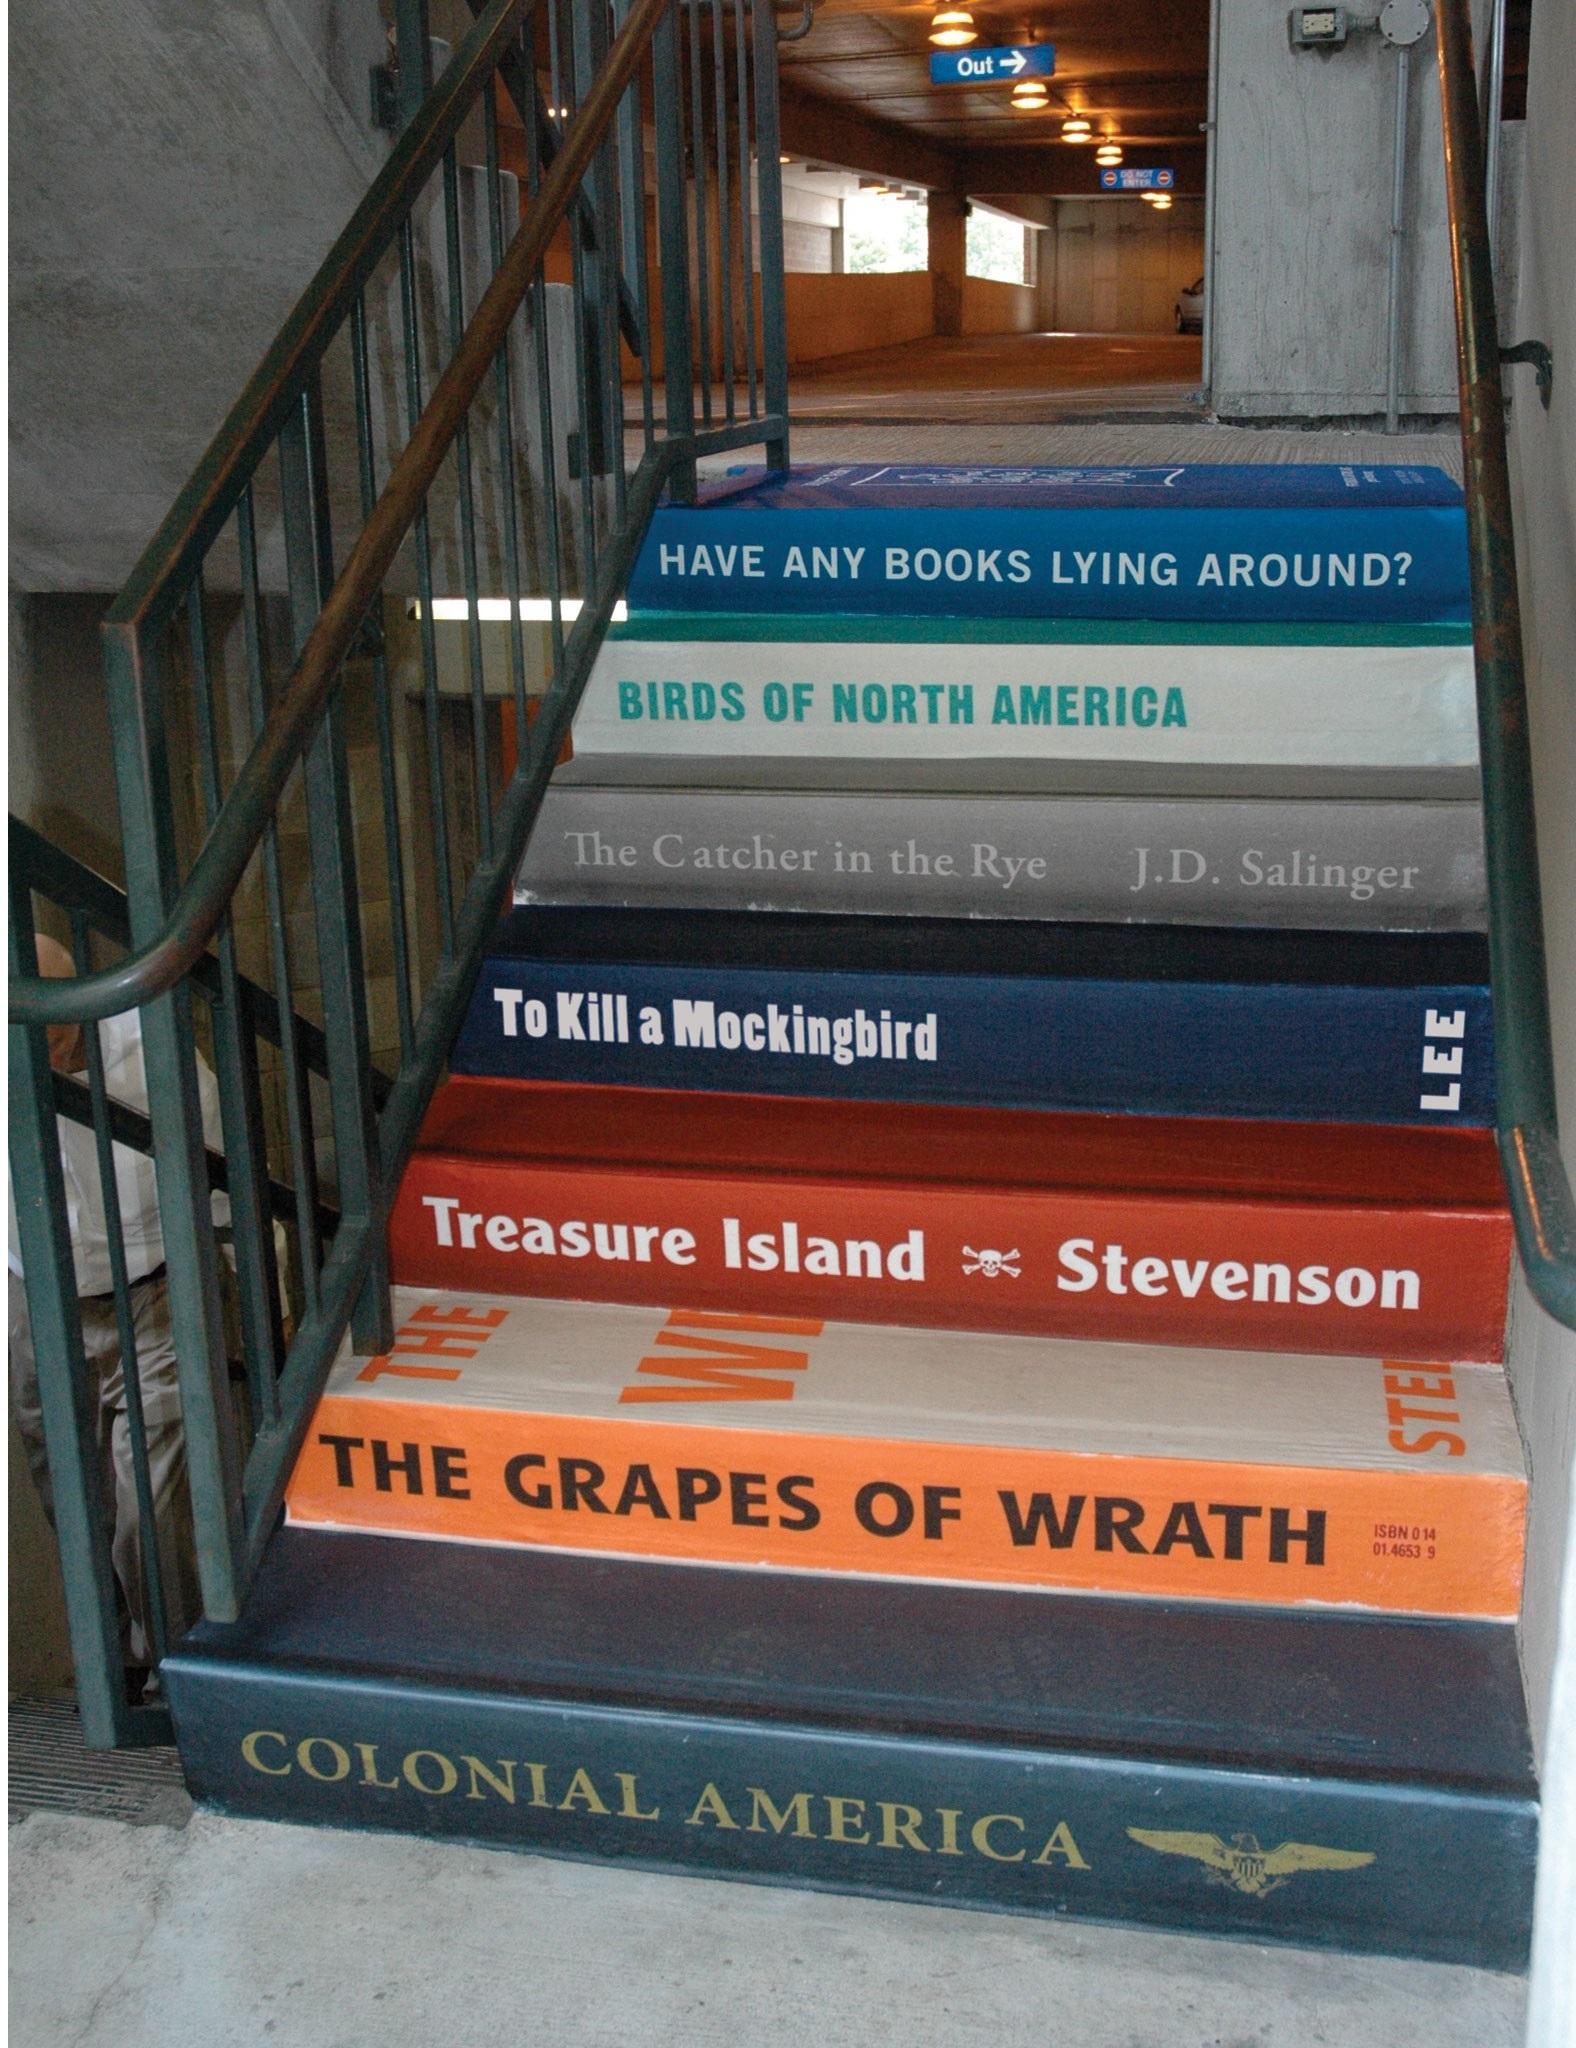 Или сделать домашнюю лестницу в книжной тематике или частью библиотеки